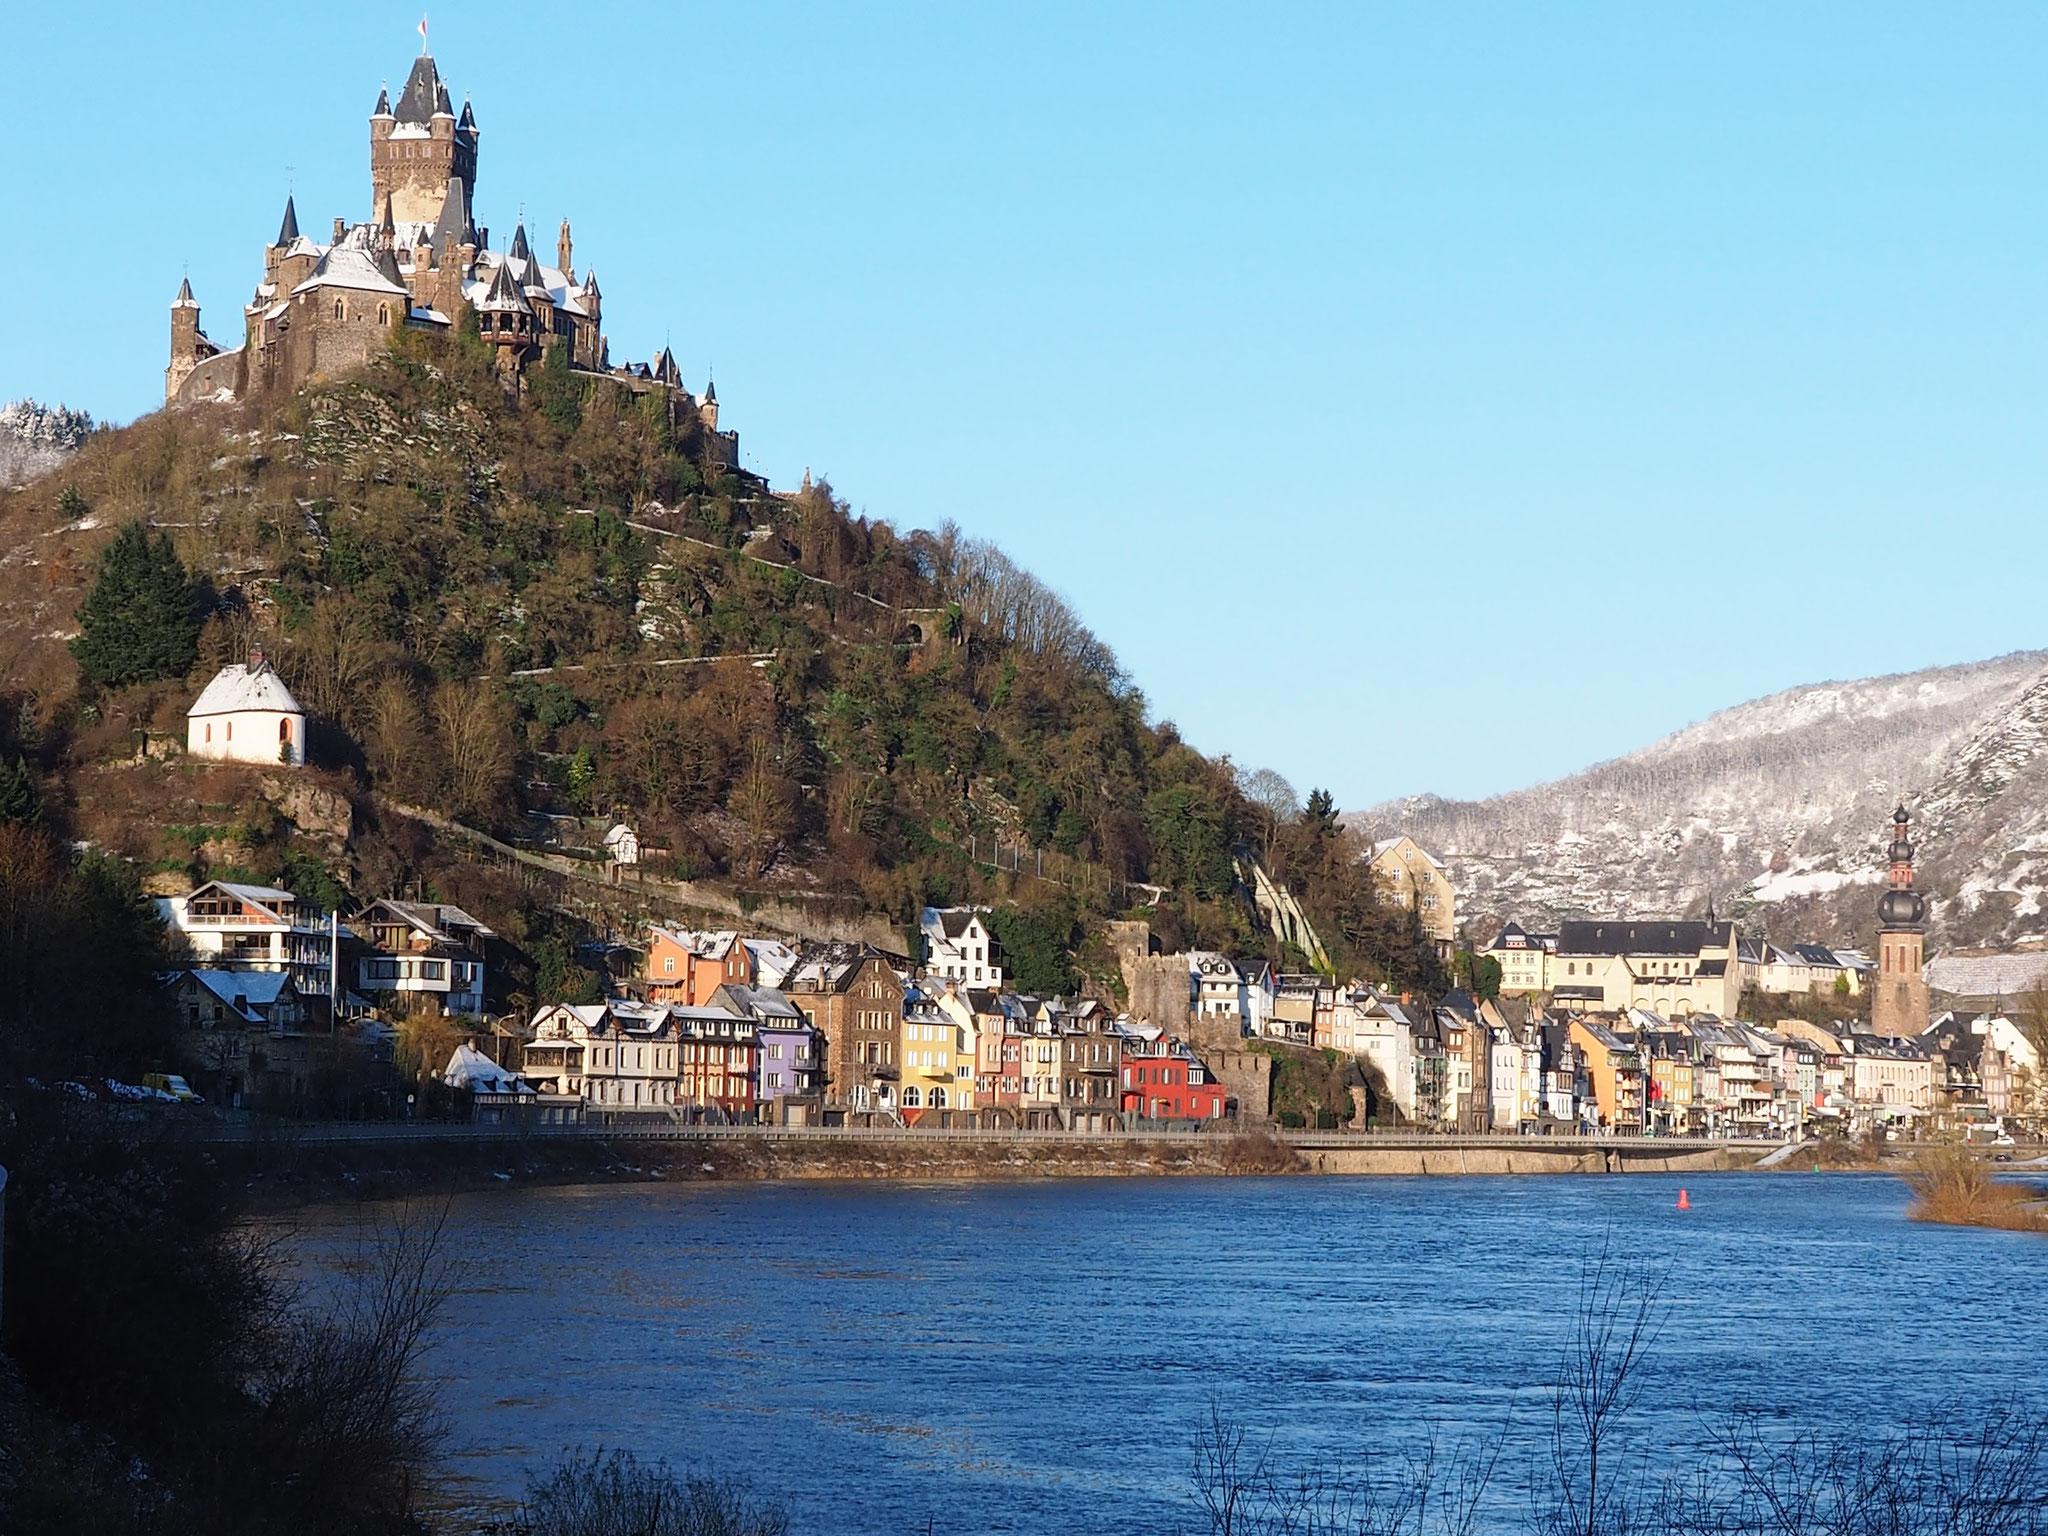 Cochem mit Reichsburg, 12 km entfernt, Foto: M. Clemens